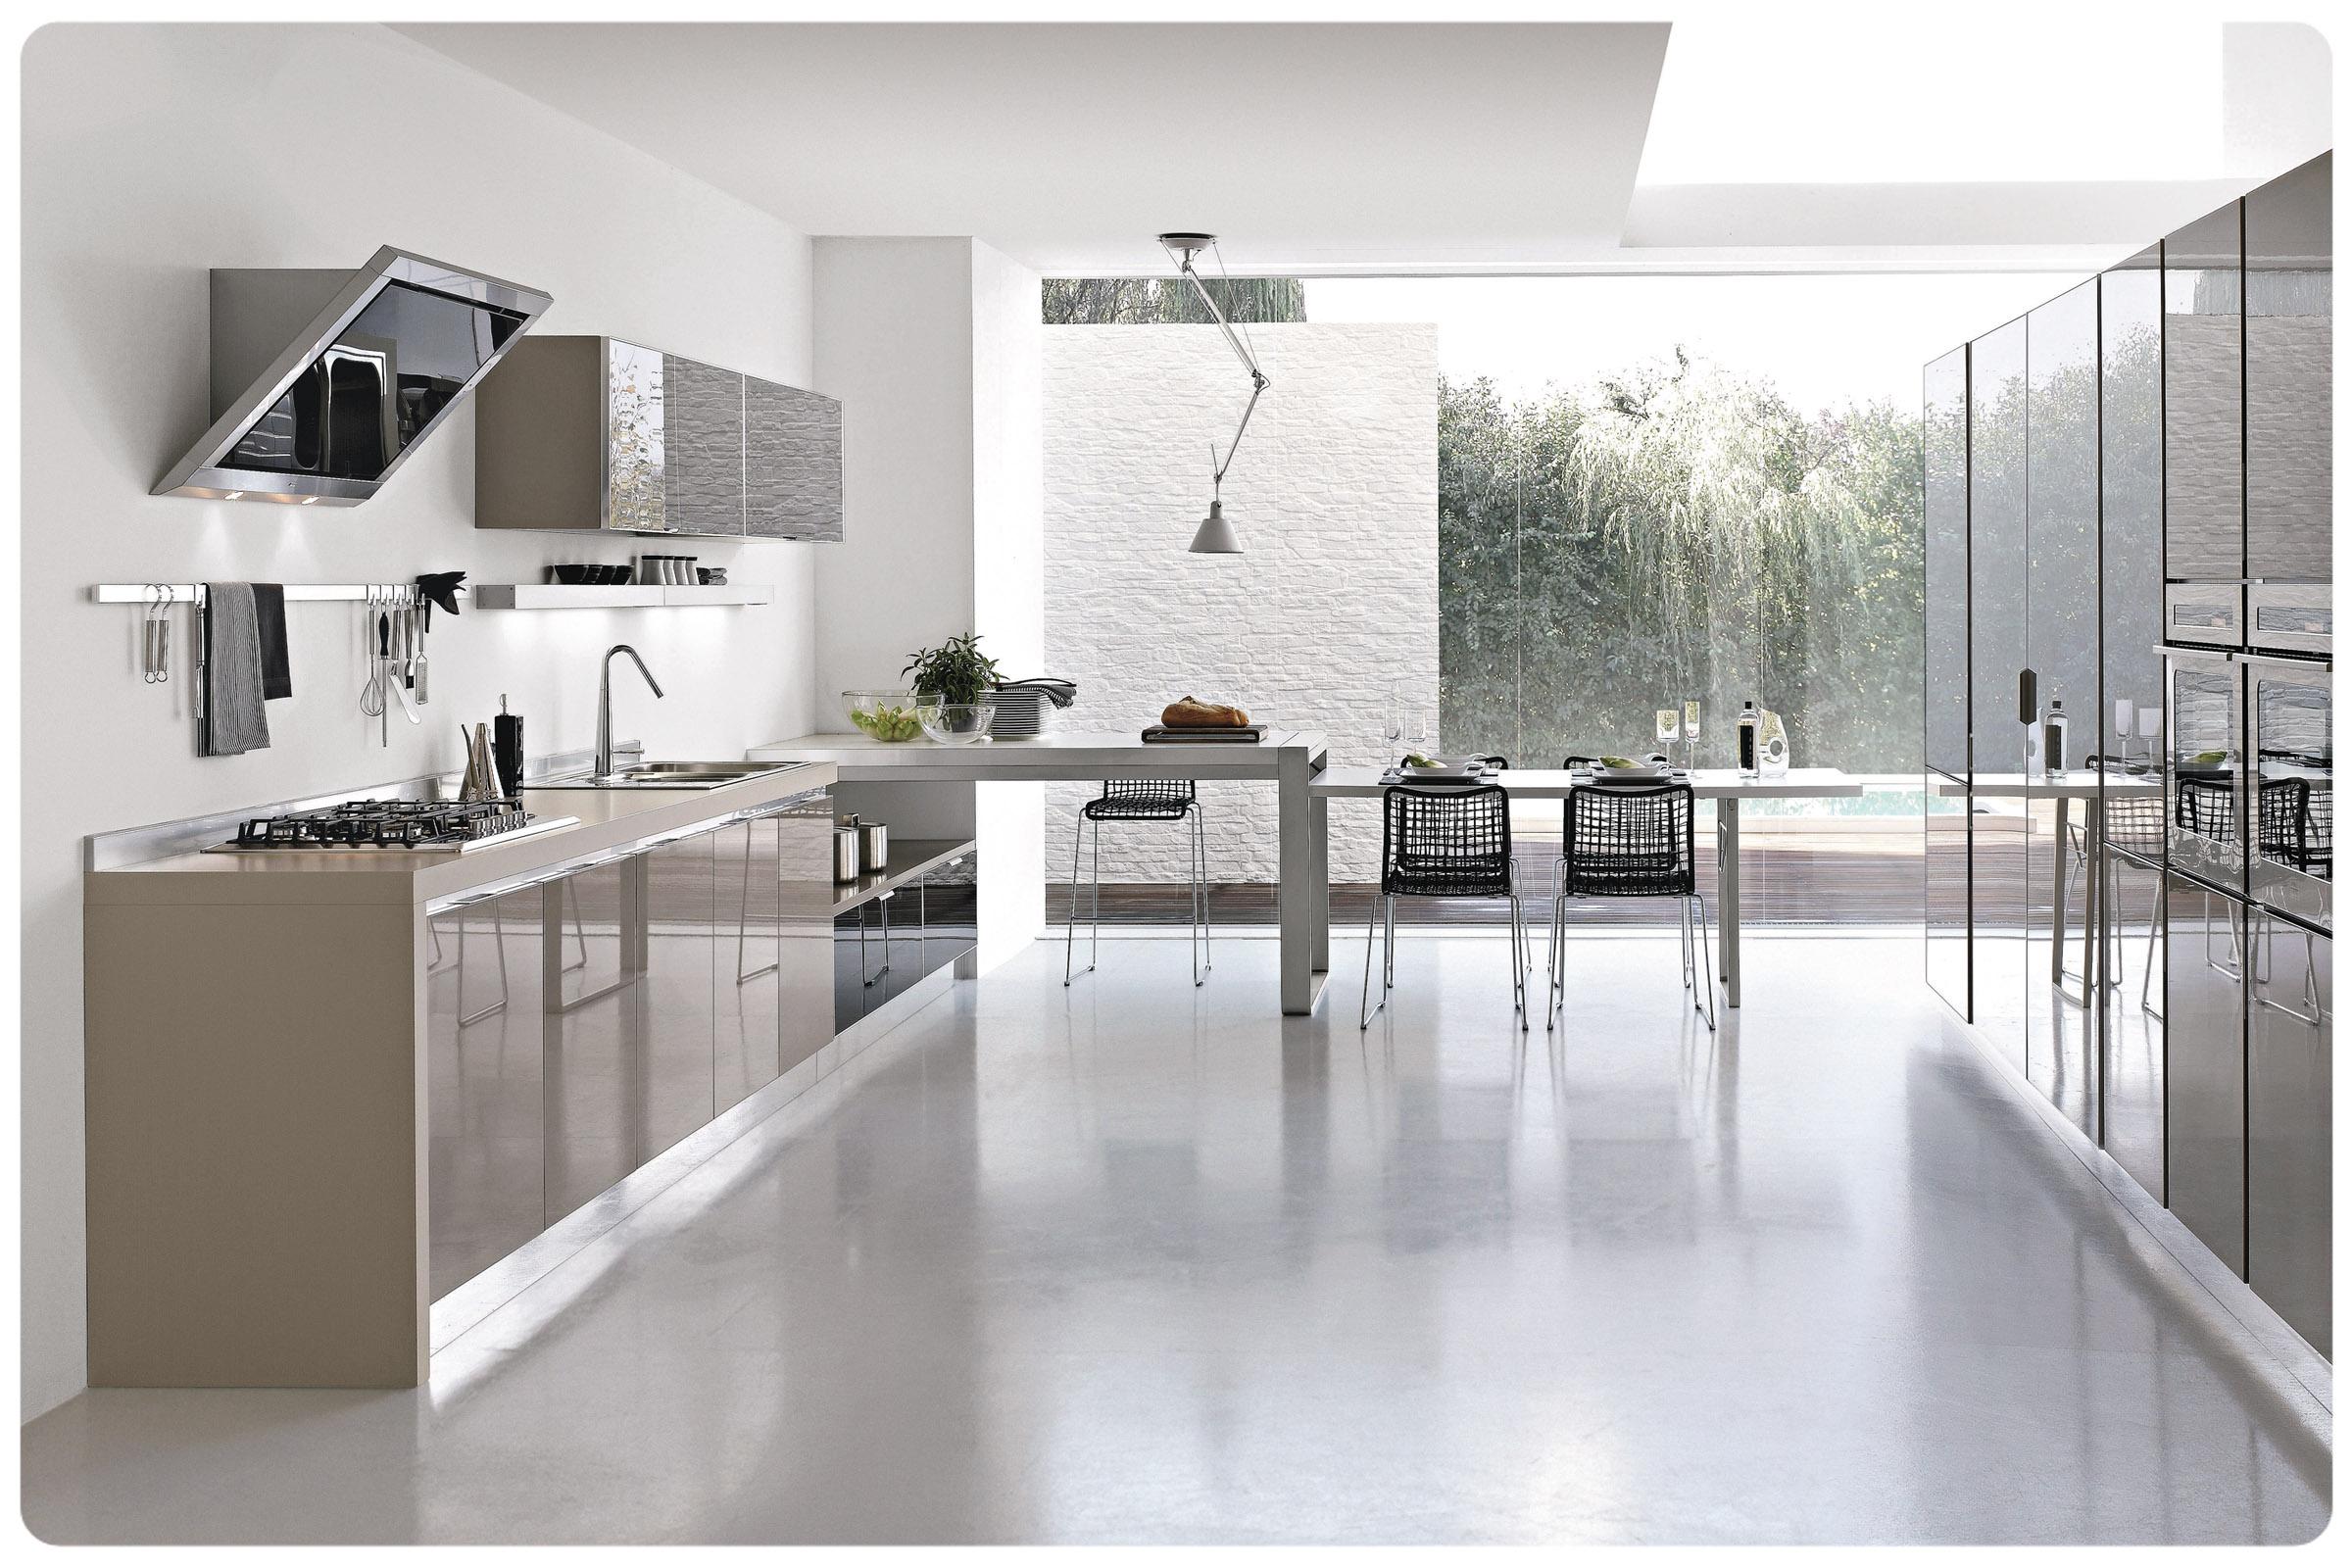 Cucine moderne componibili stosa replay acquistabile in milano e provincia monza e brianza for Cucine in ciliegio moderne